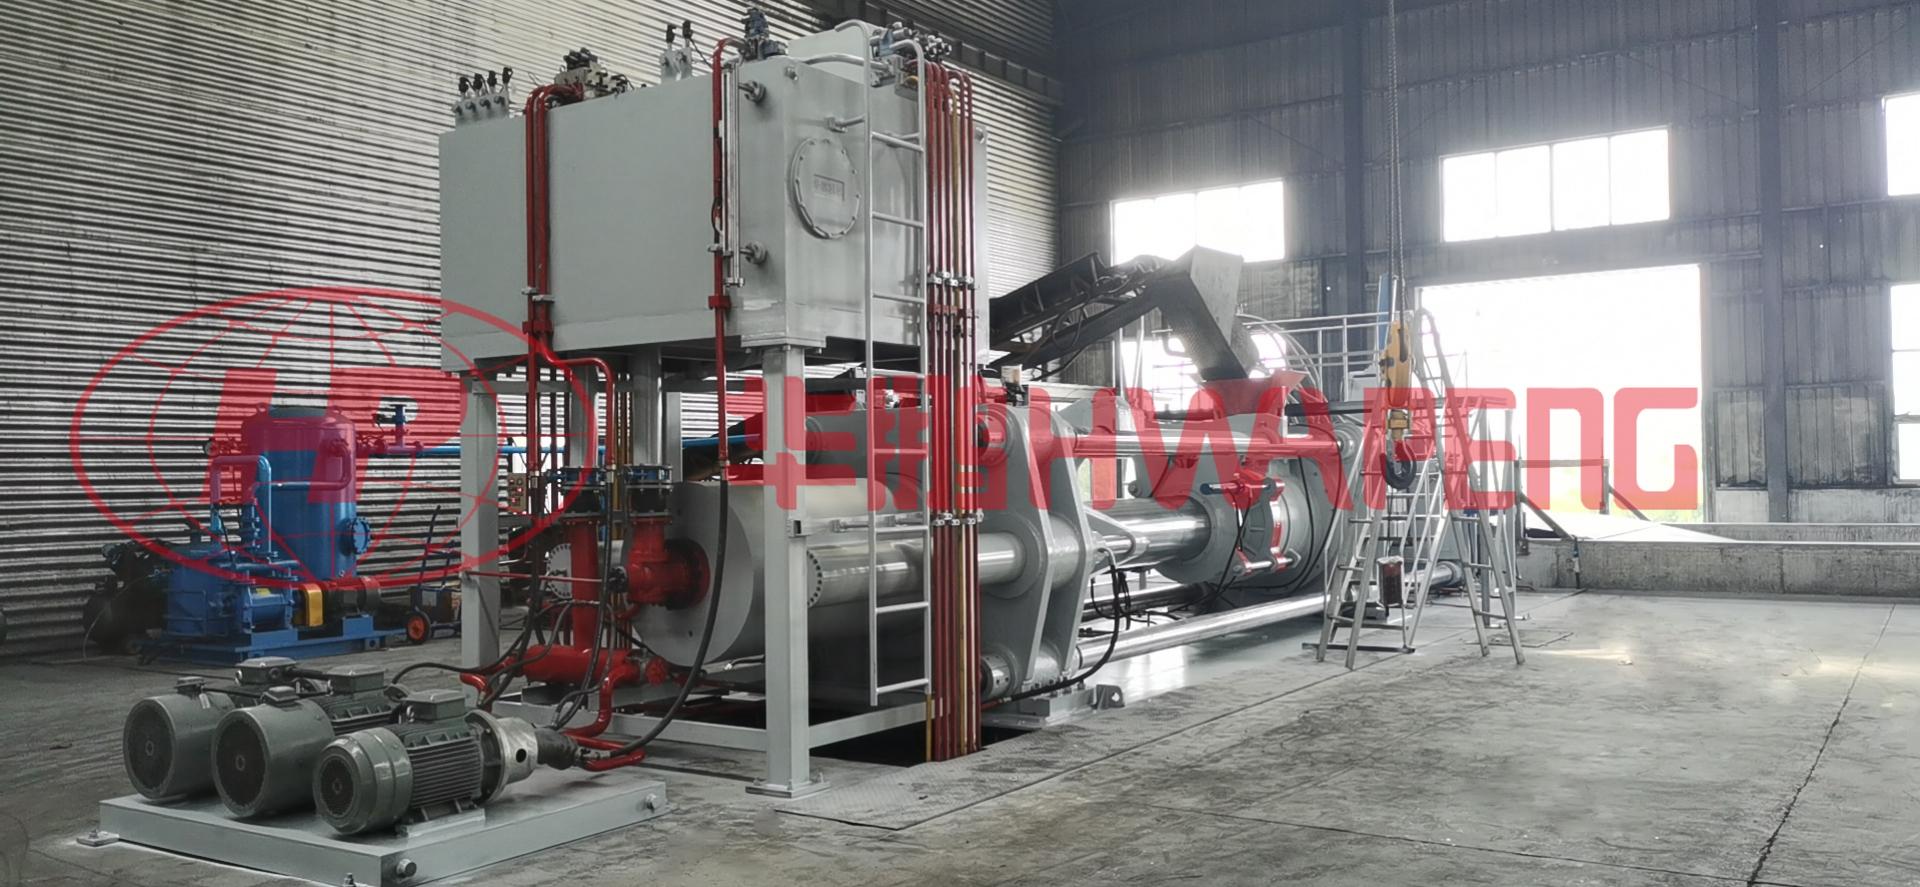 пресса для изготовления угольных электродов серии HP-CEP